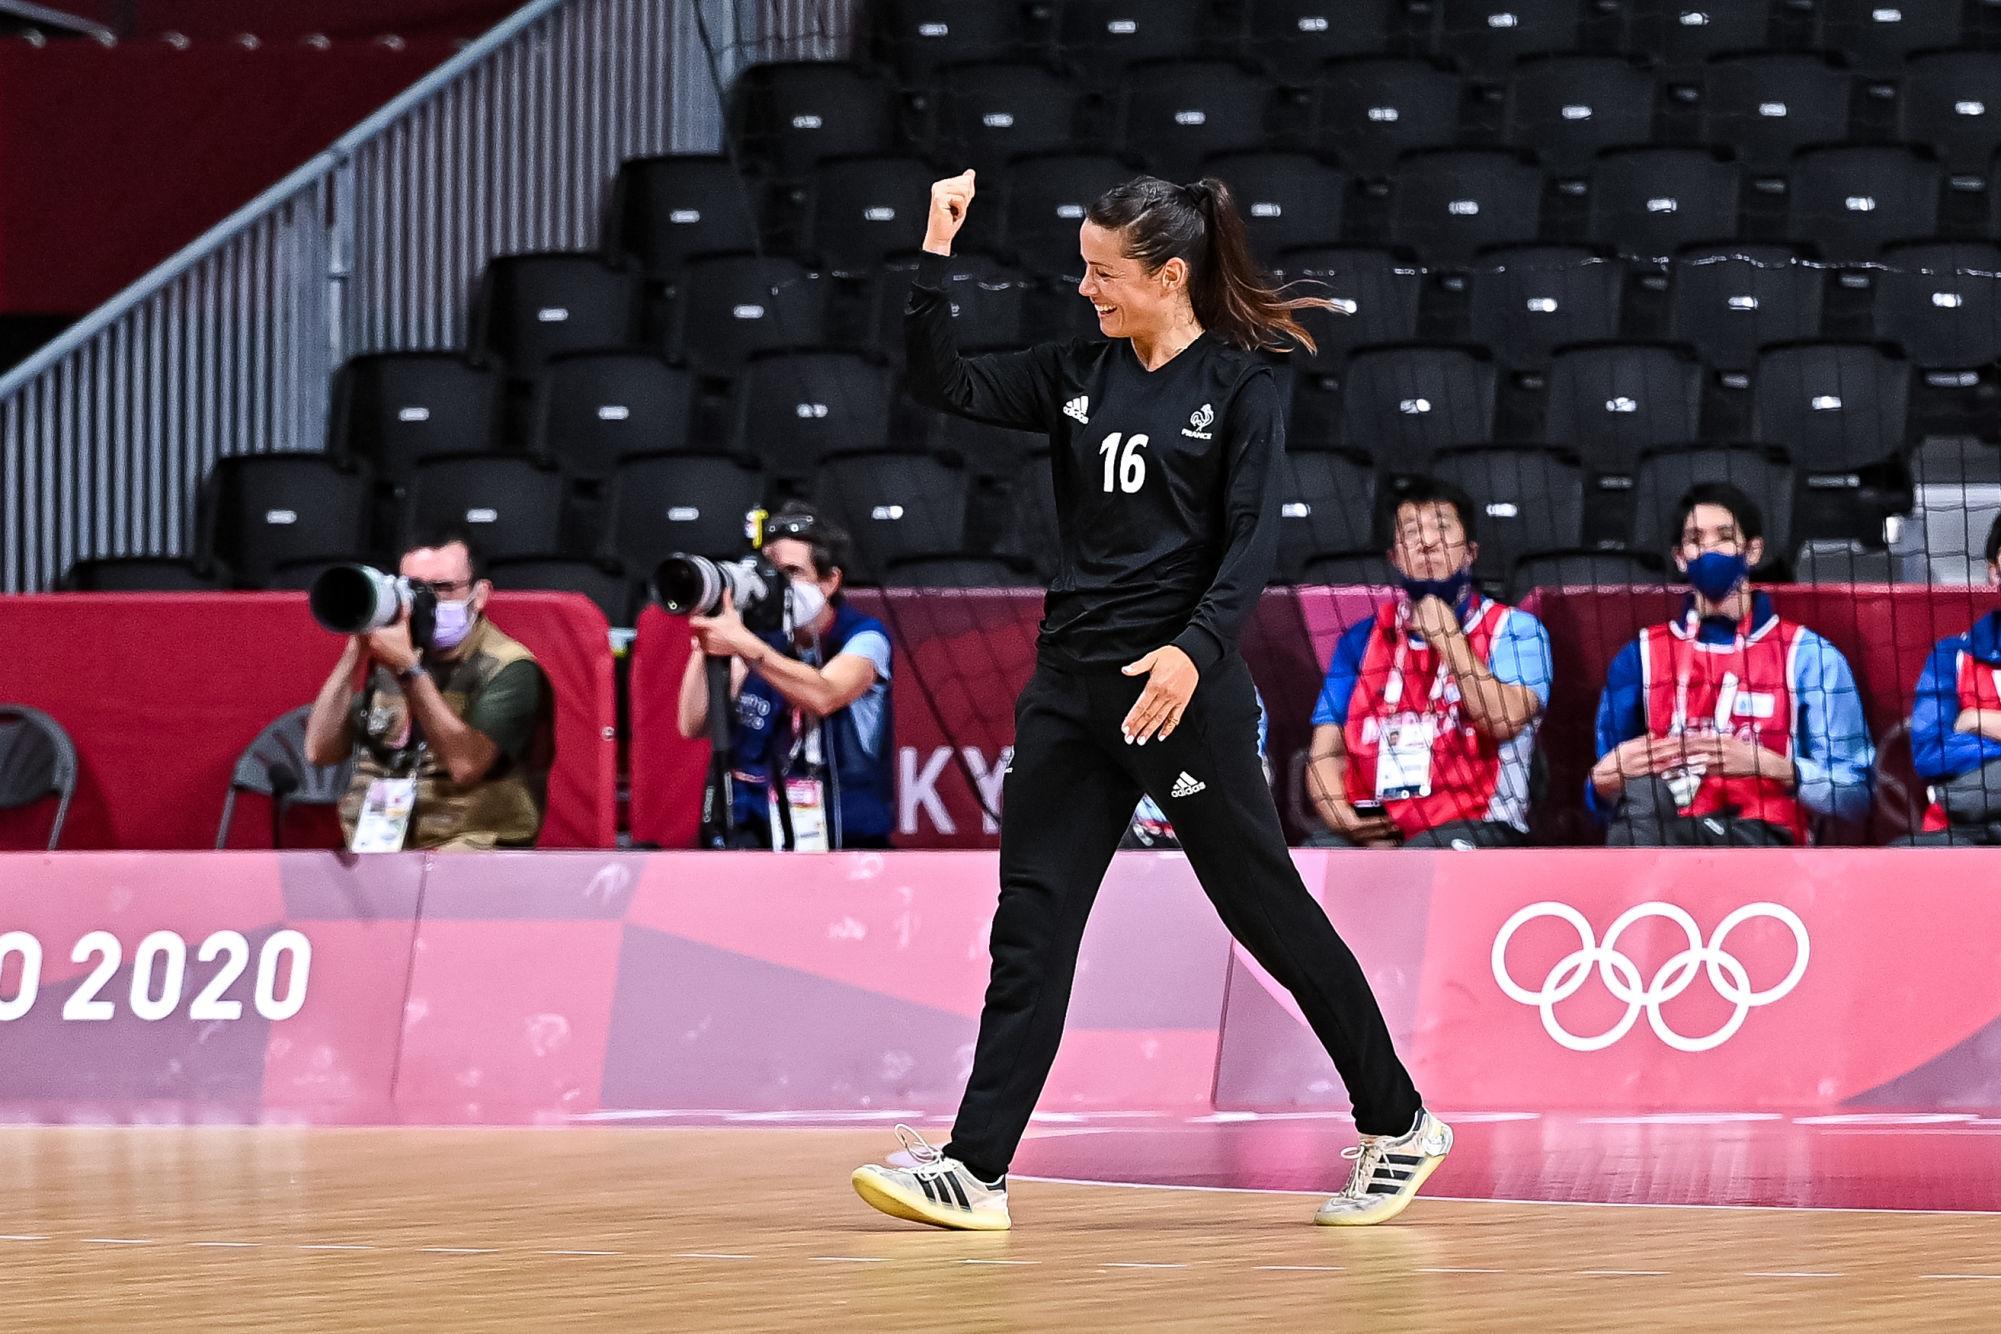 L'équipe de France de handball a ramporté sa demi-finale des Jeux Olympiques face à la Suède.